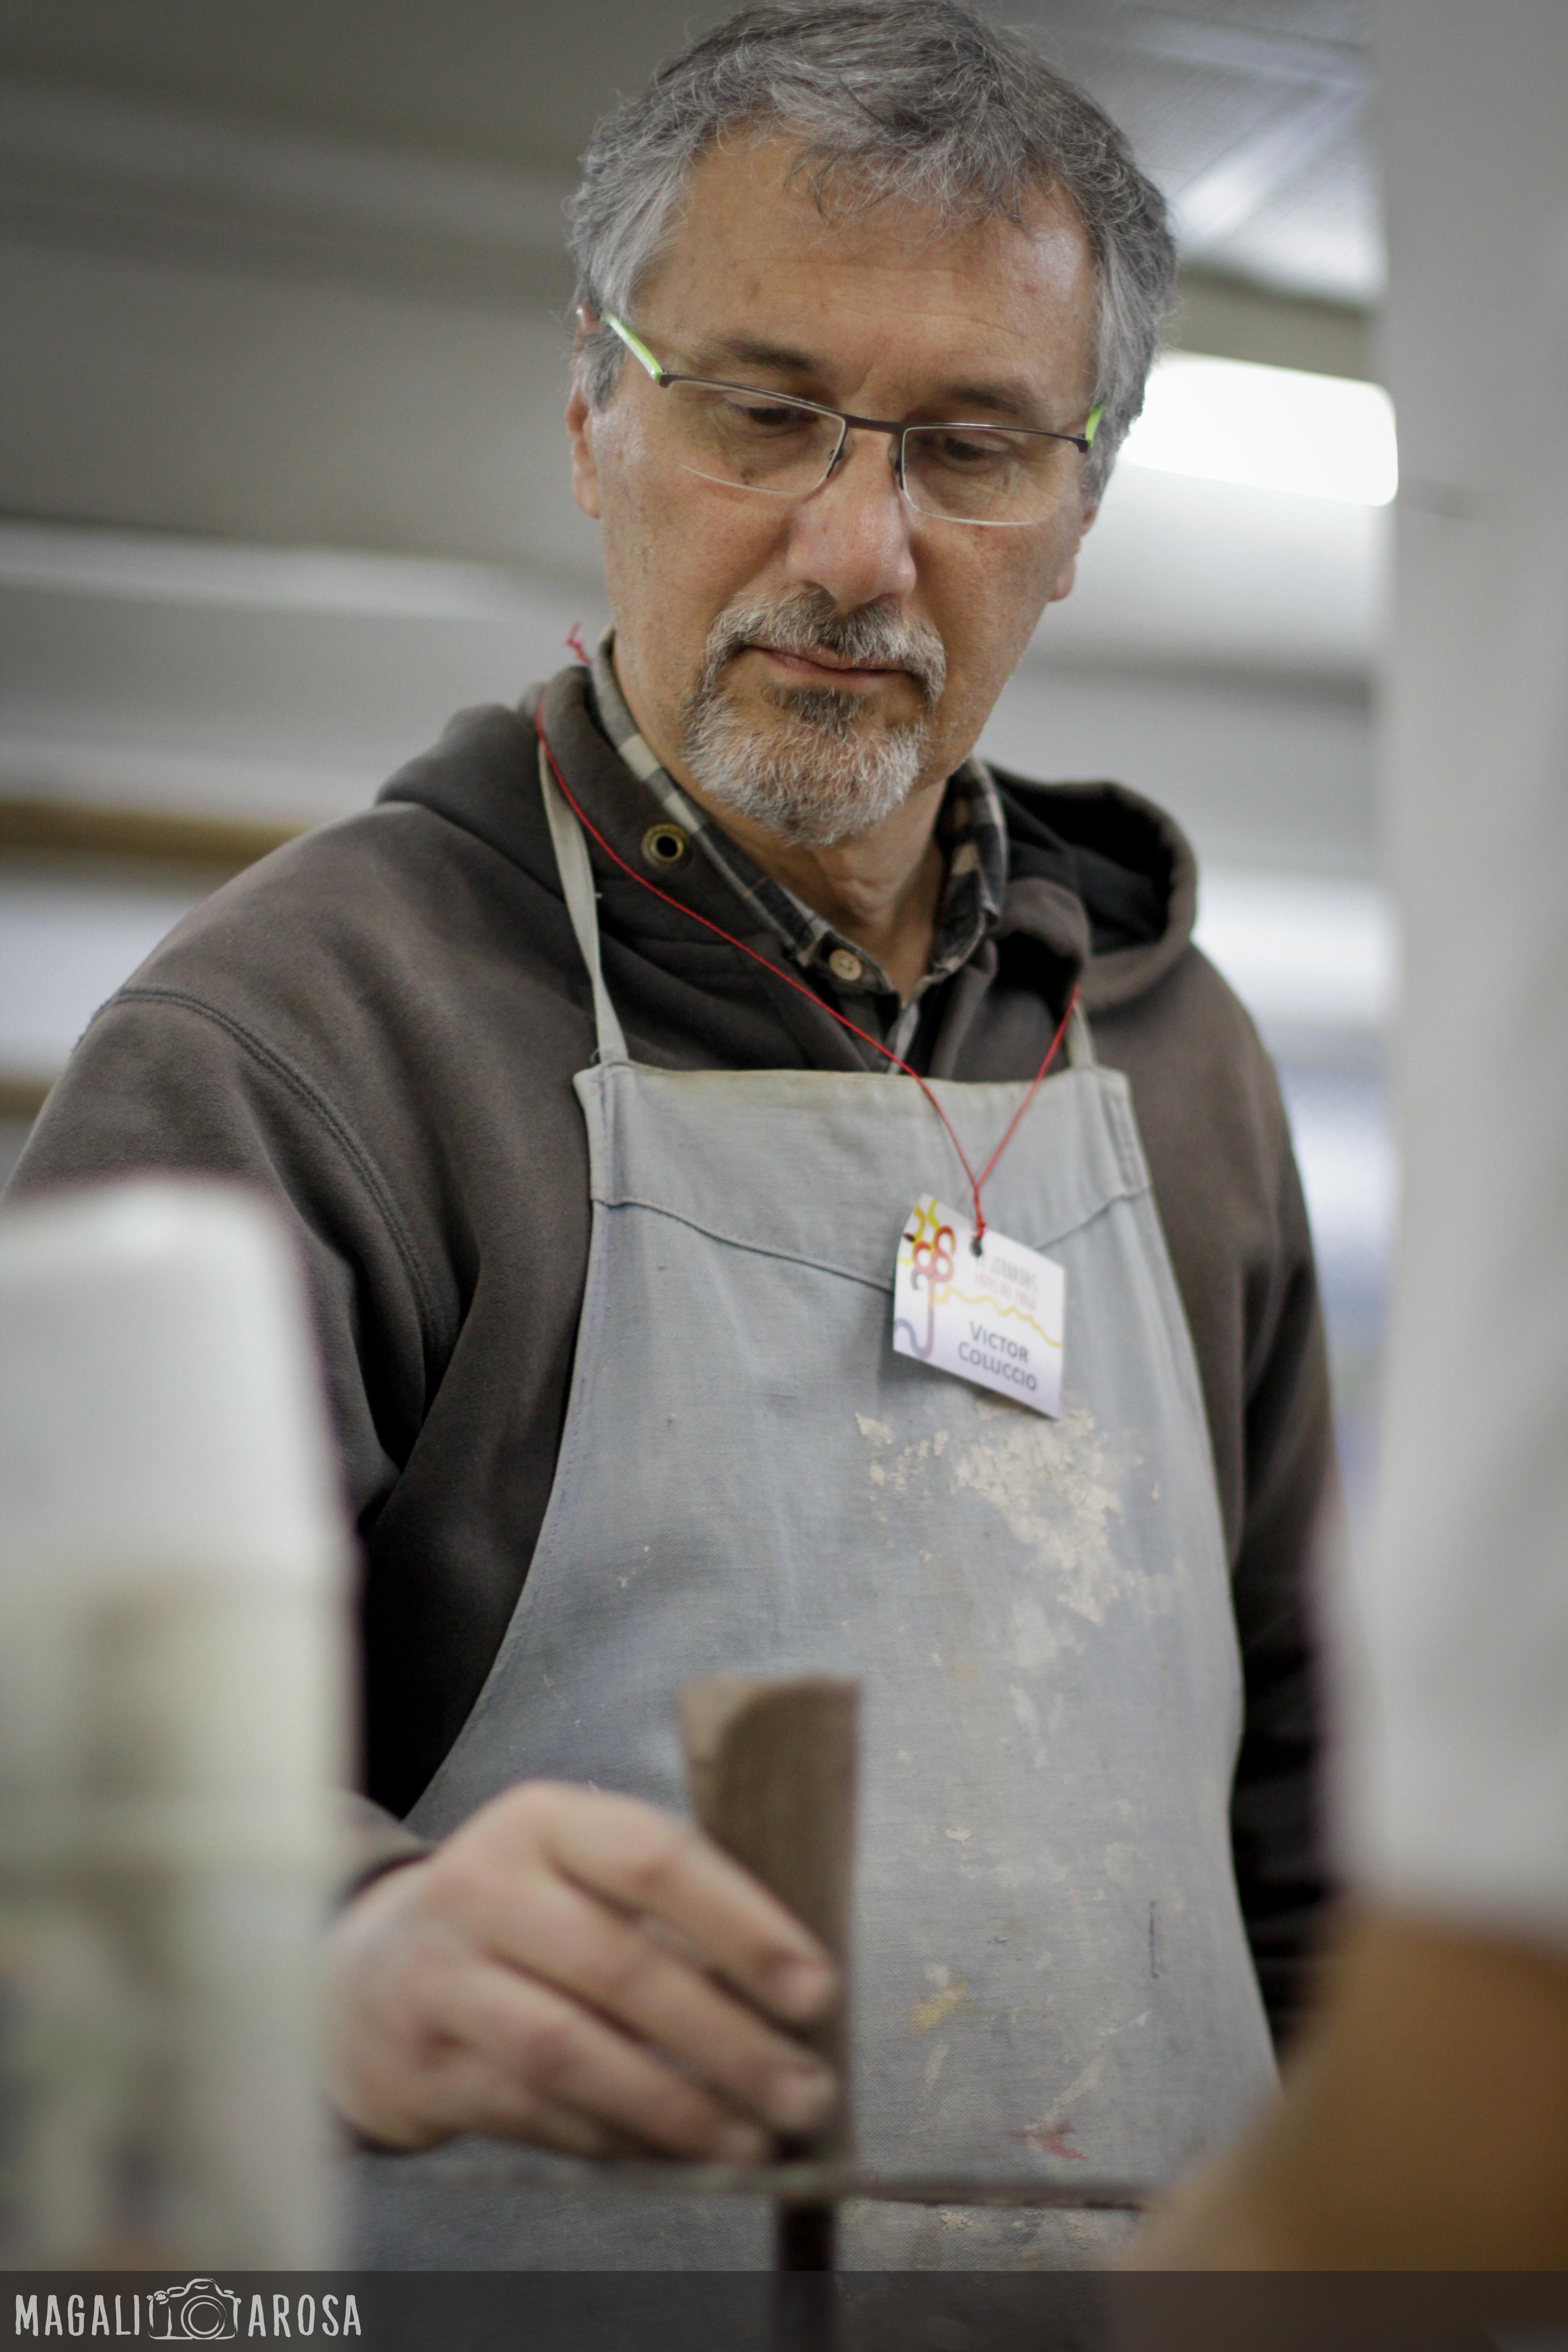 Victor Coluccio